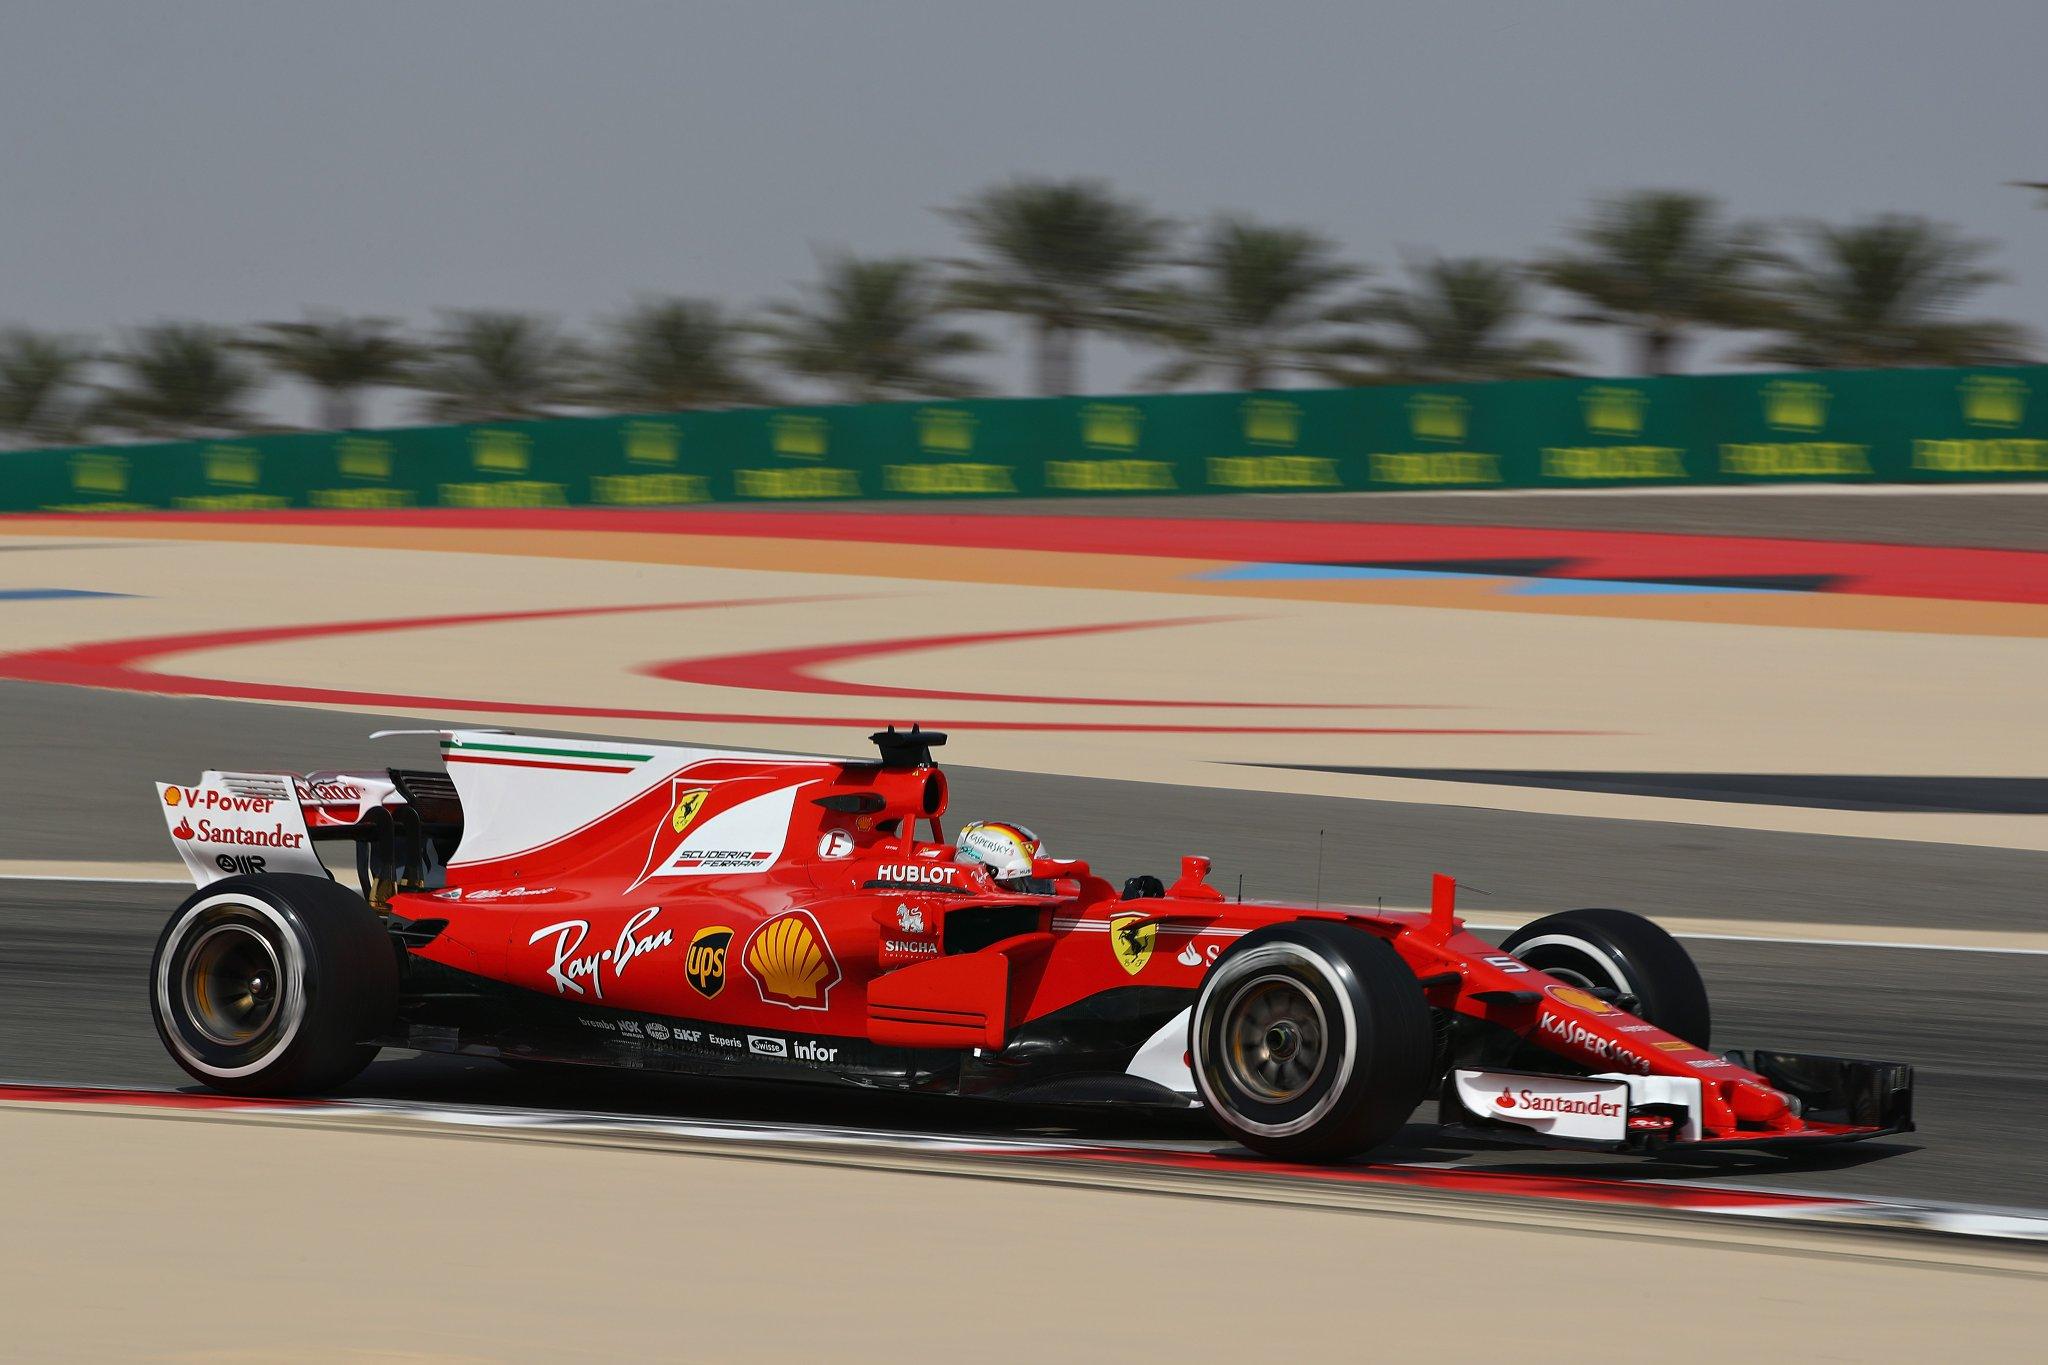 Себастьян Феттель - быстрейший в первой тренировке гран-при Бахрейна 2017 года